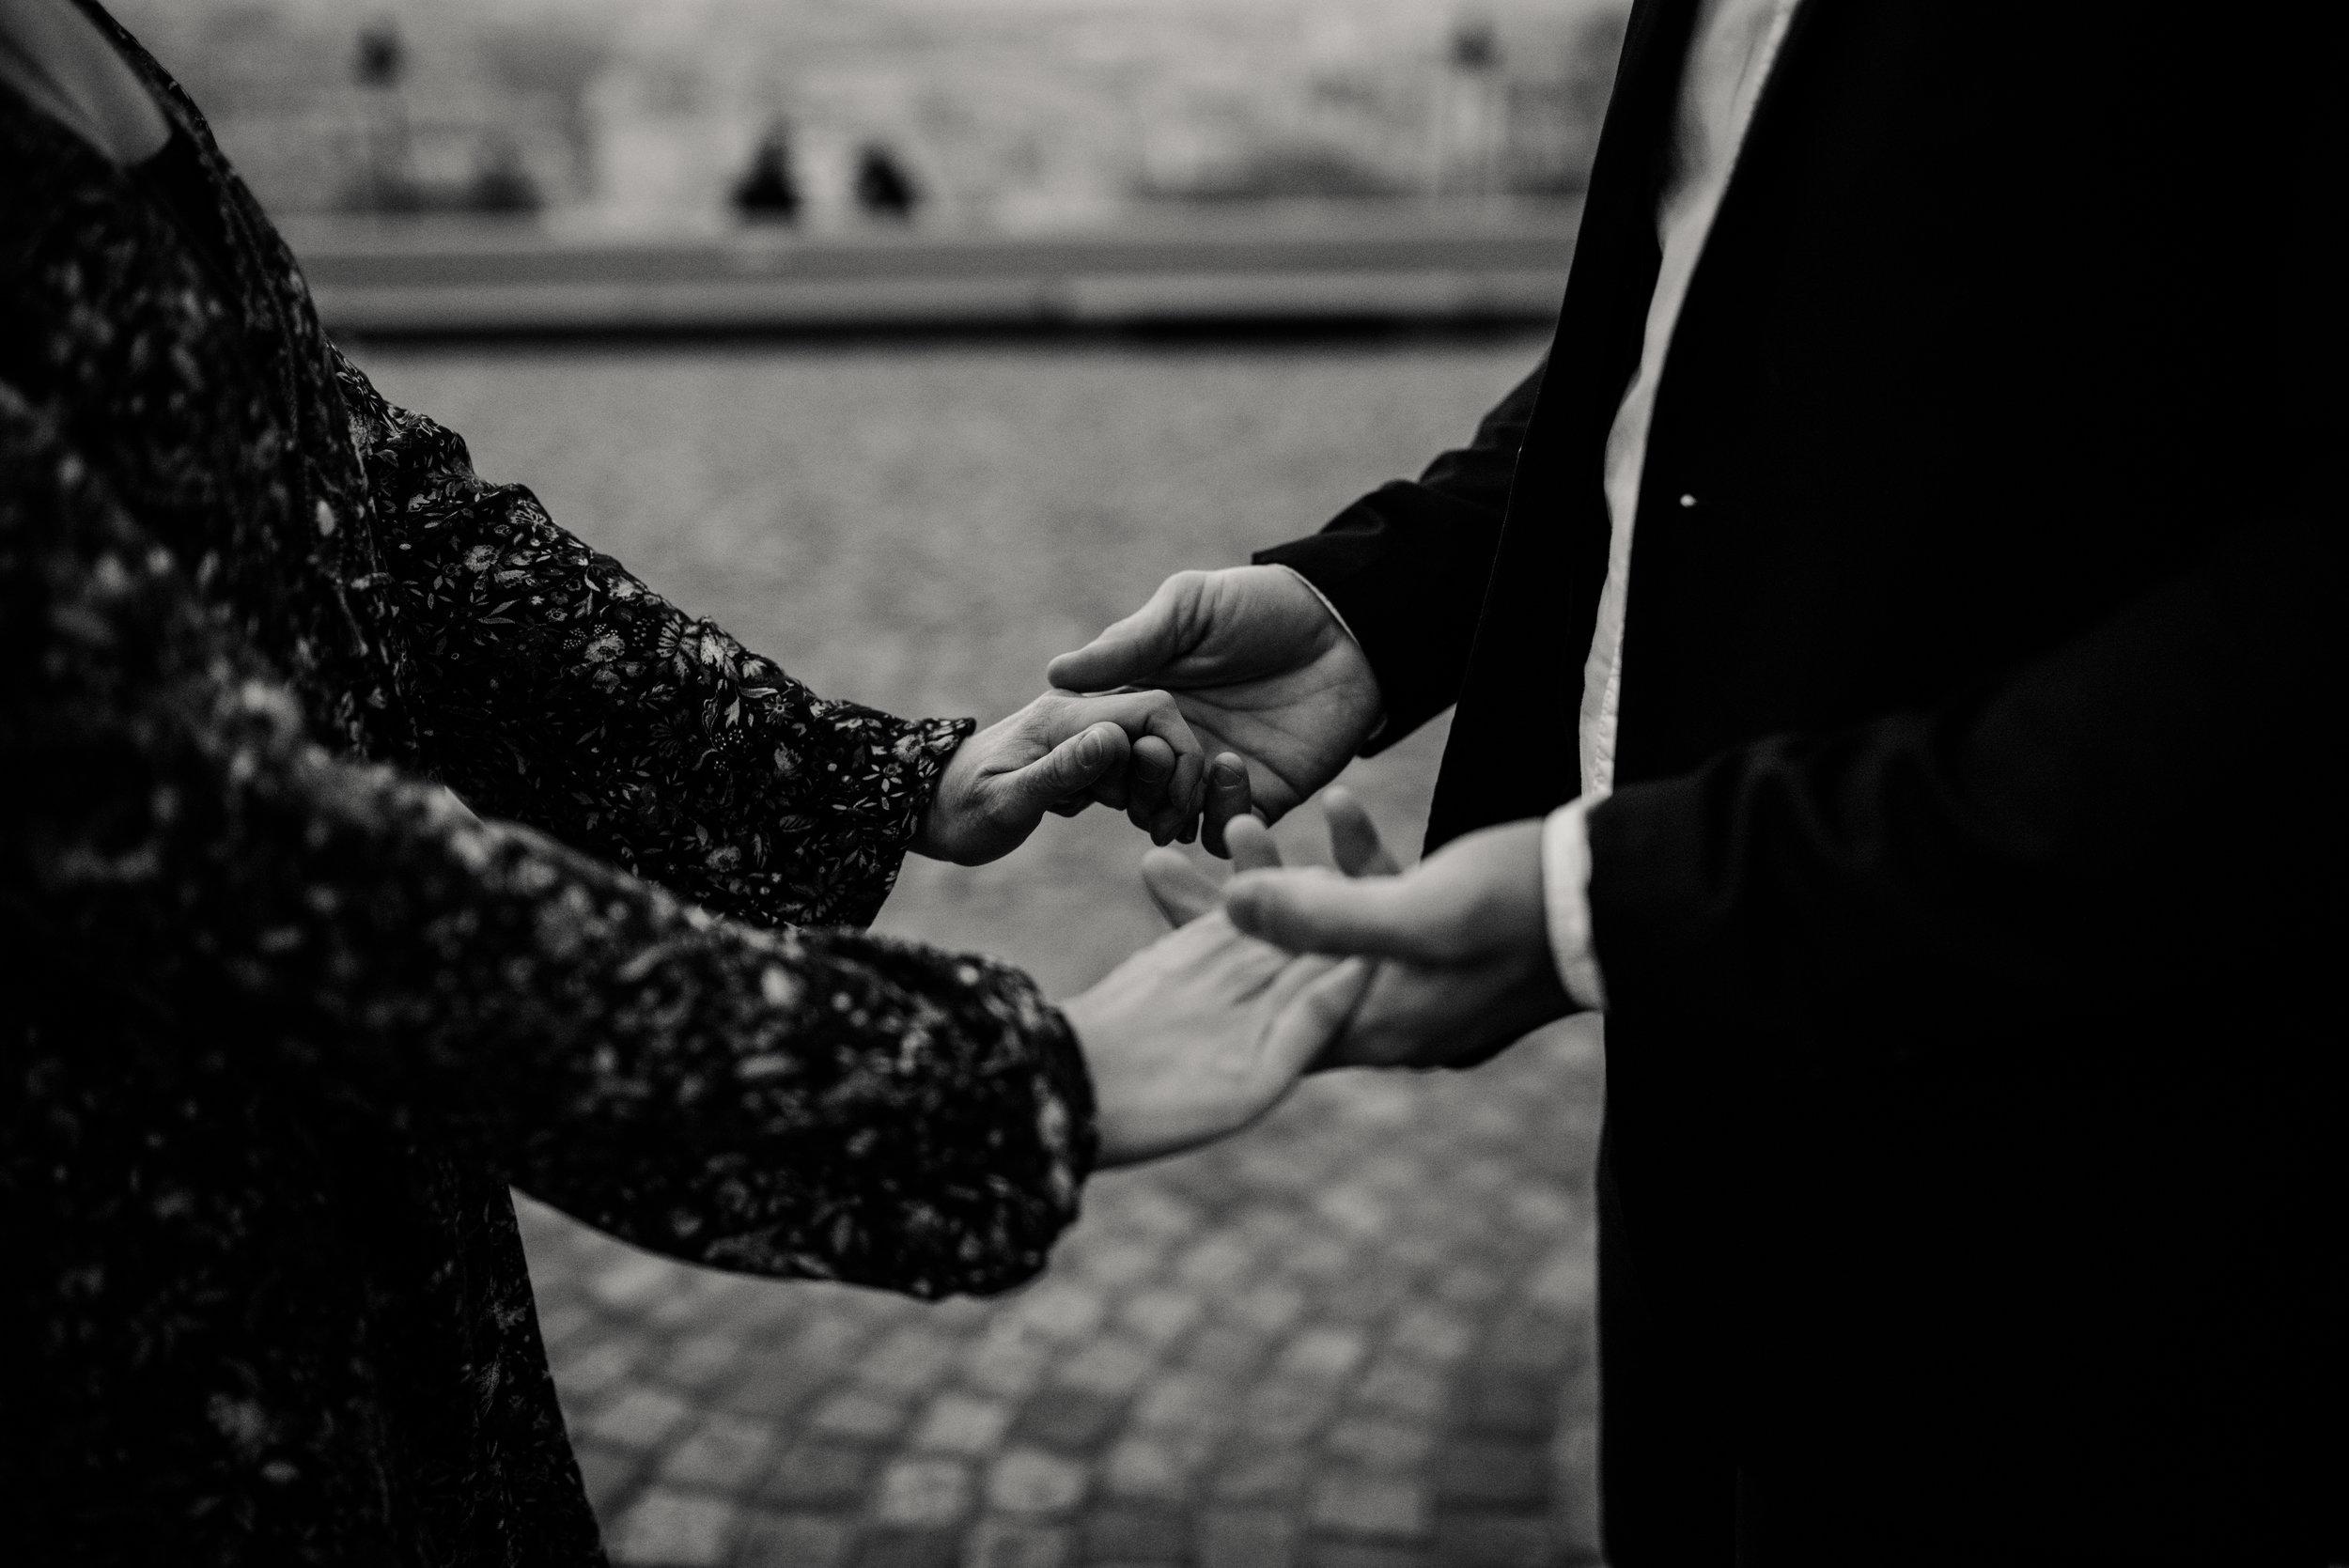 Léa-Fery-photographe-professionnel-lyon-rhone-alpes-portrait-creation-mariage-evenement-evenementiel-famille-4967.jpg